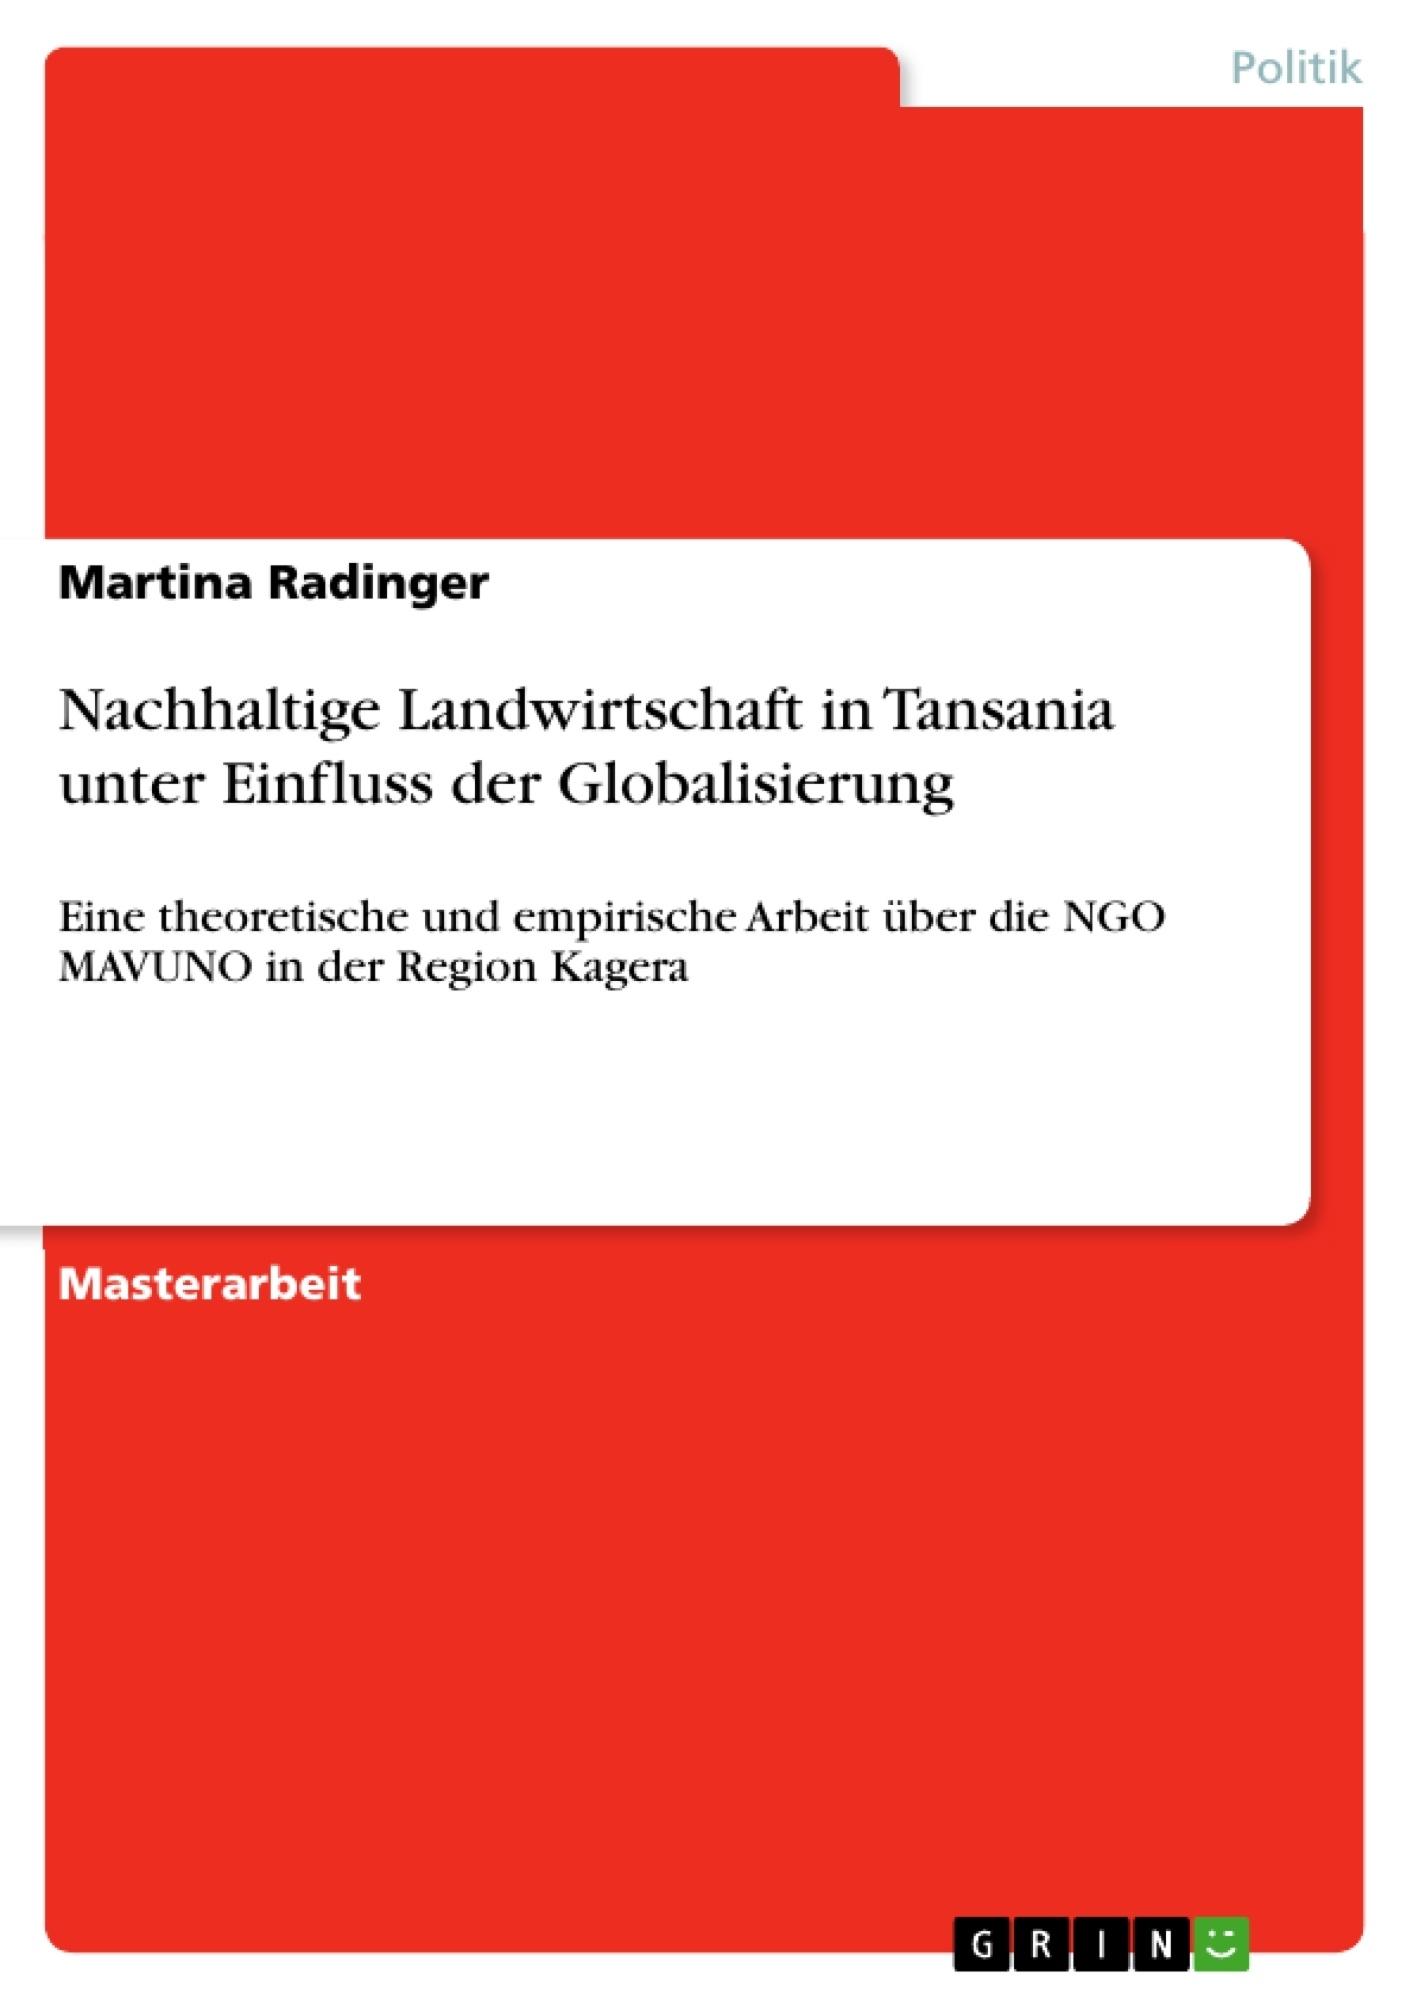 Titel: Nachhaltige Landwirtschaft in Tansania unter Einfluss  der Globalisierung